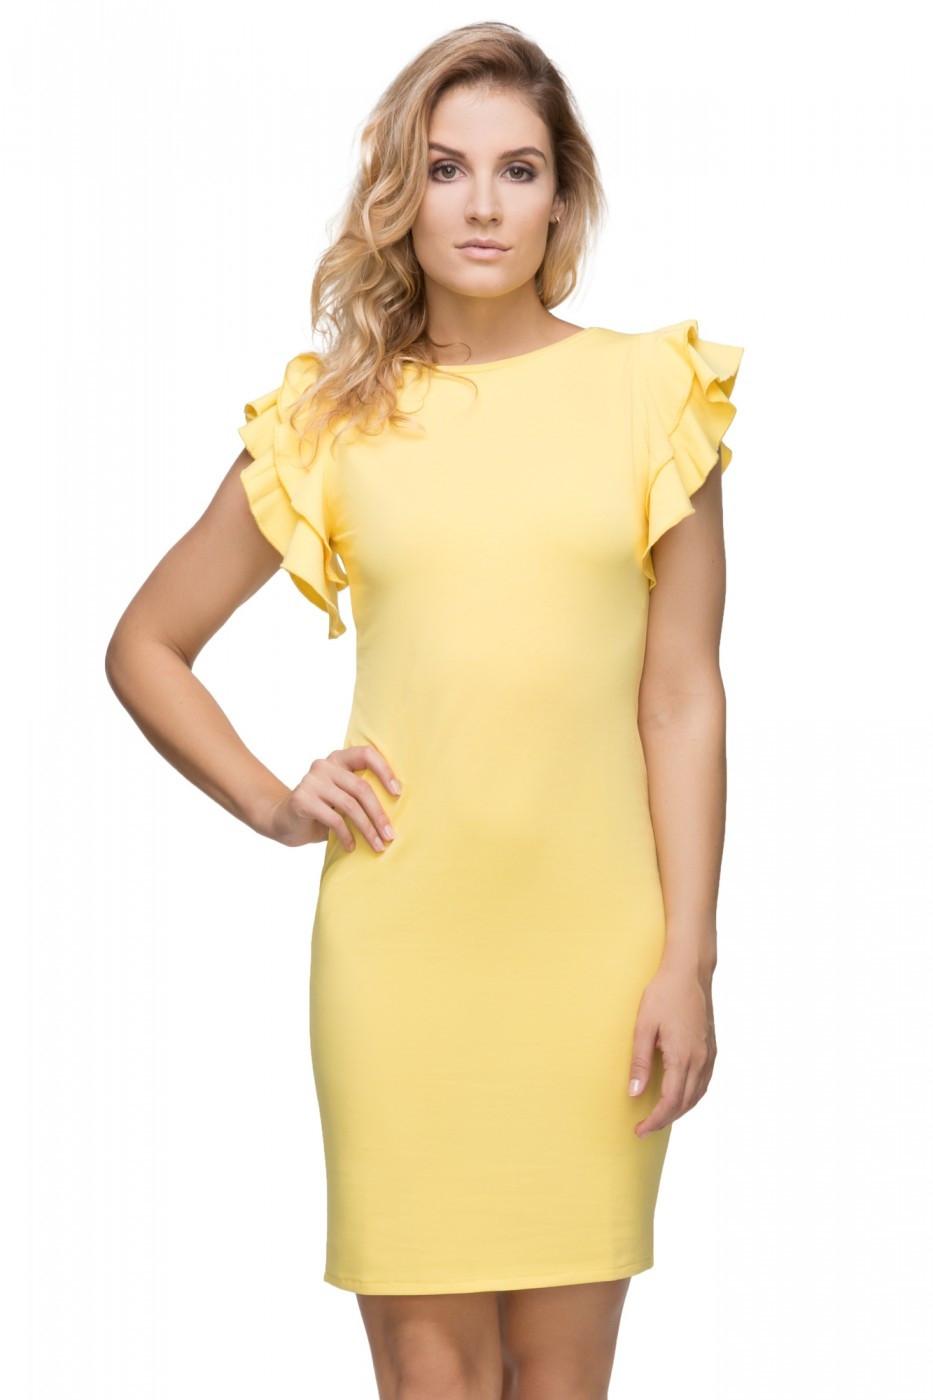 Elegantné šaty s volánmi na rukávoch T165 - žlté - Florentis.sk 1366bde0f21